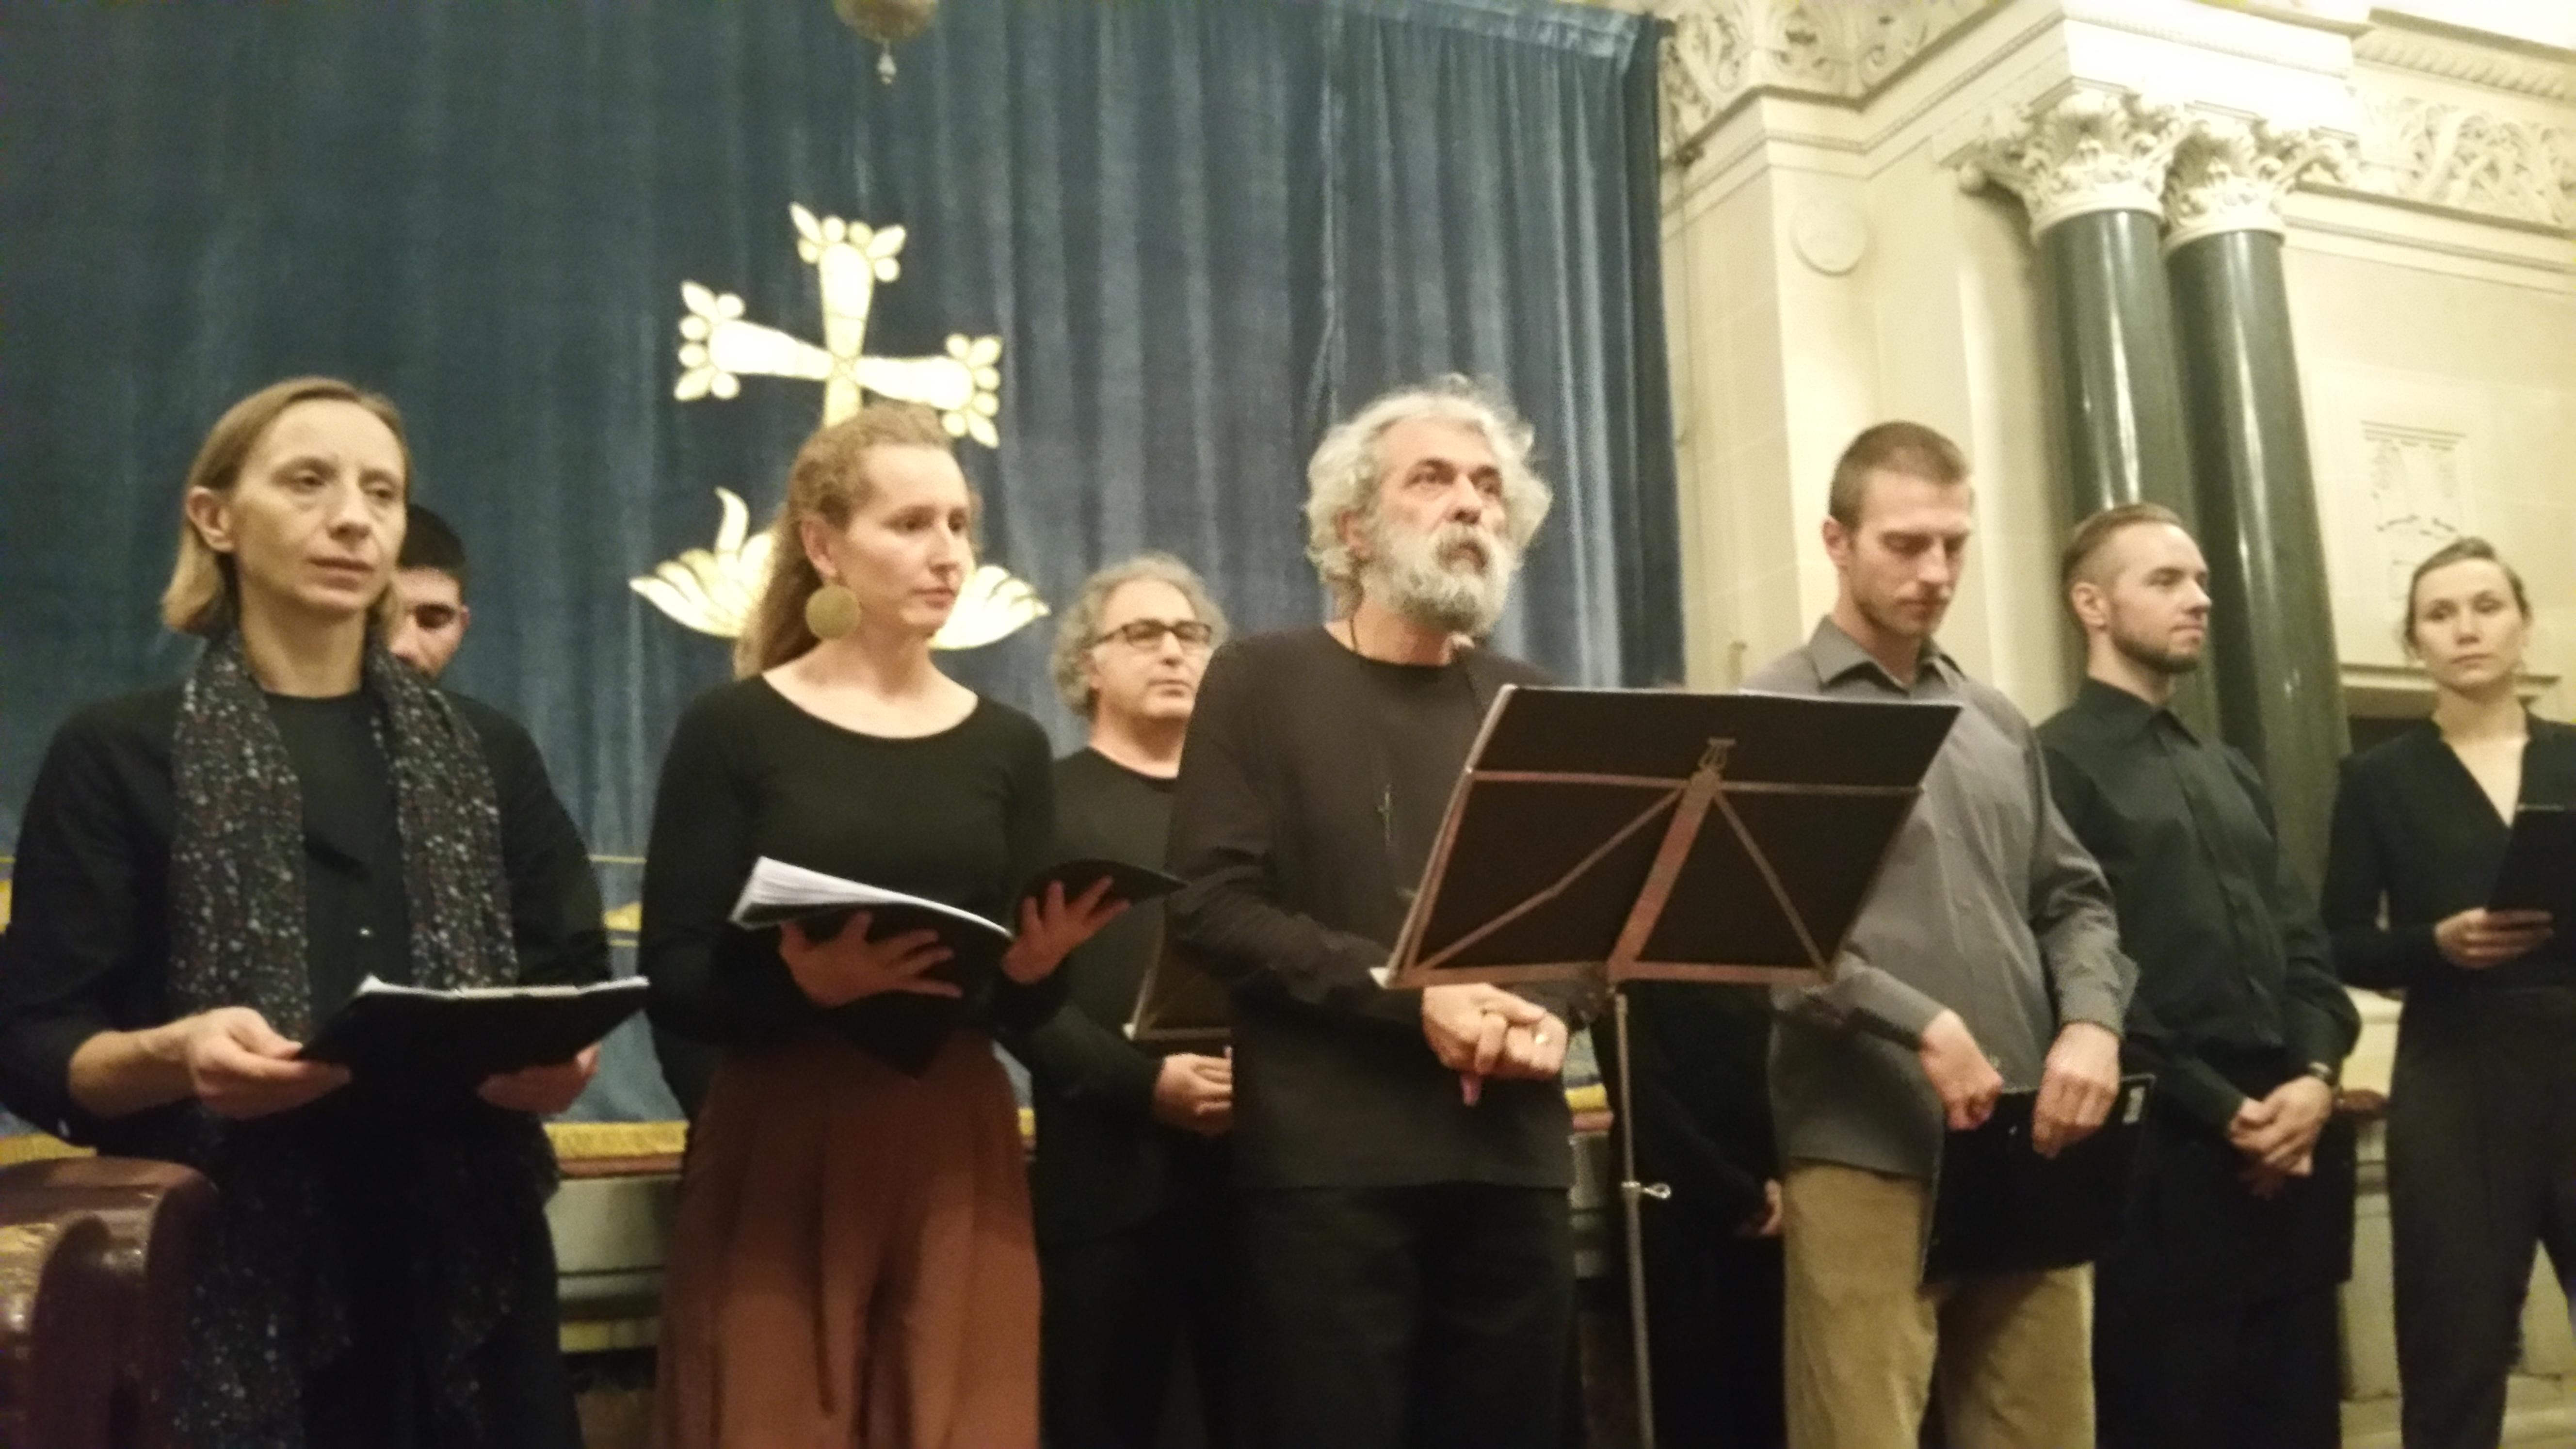 Teatr Zar photo 1